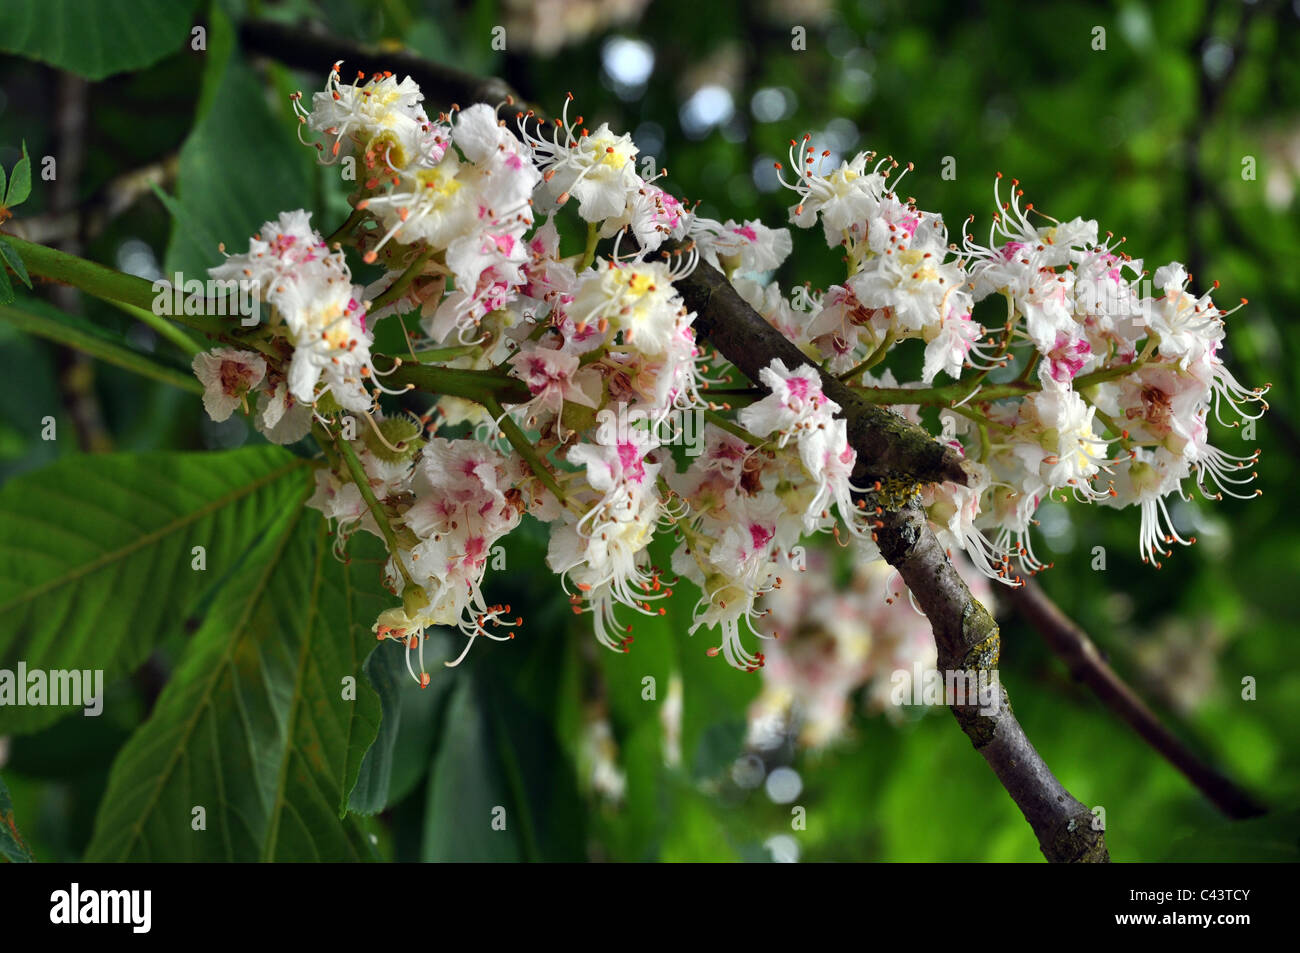 Sweet chestnut white blossom flowers stock photo 36964395 alamy sweet chestnut white blossom flowers mightylinksfo